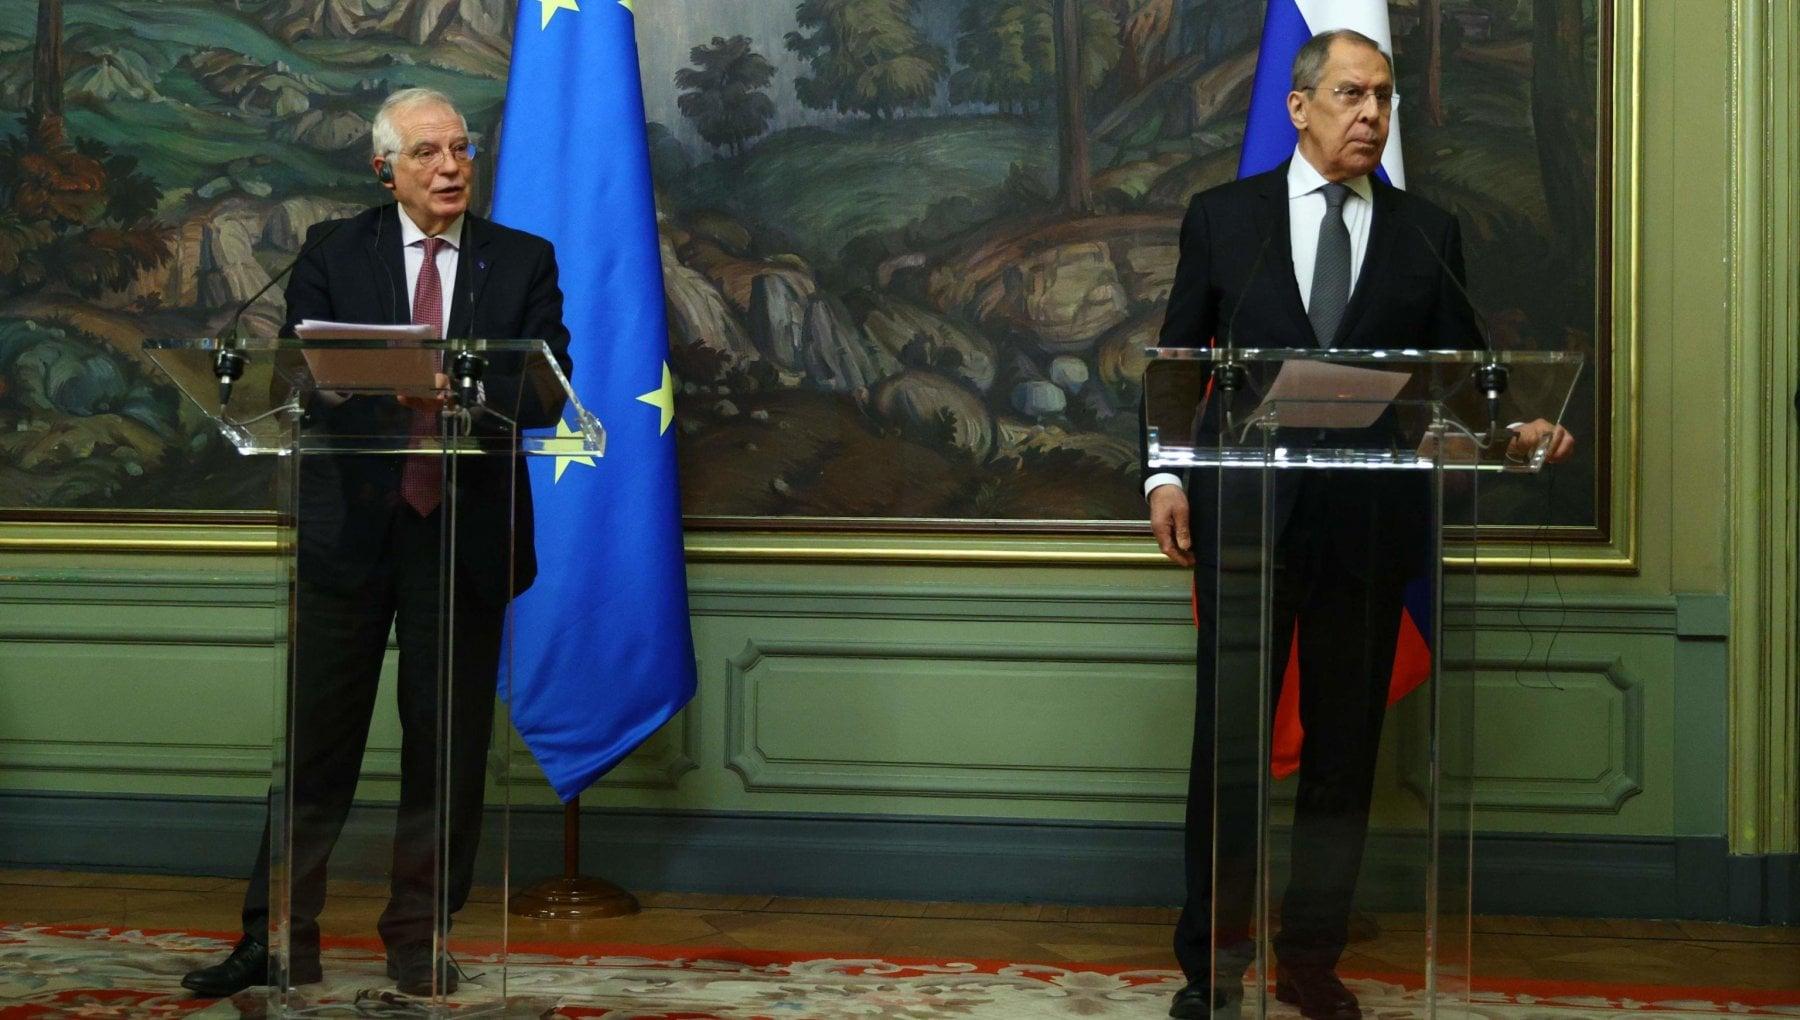 215410300 d255eb96 73f2 4396 b8e9 2d78cd6b6840 - Russia, schiaffo di Lavrov a Borrell su Navalnyj: espulsi tre diplomatici europei